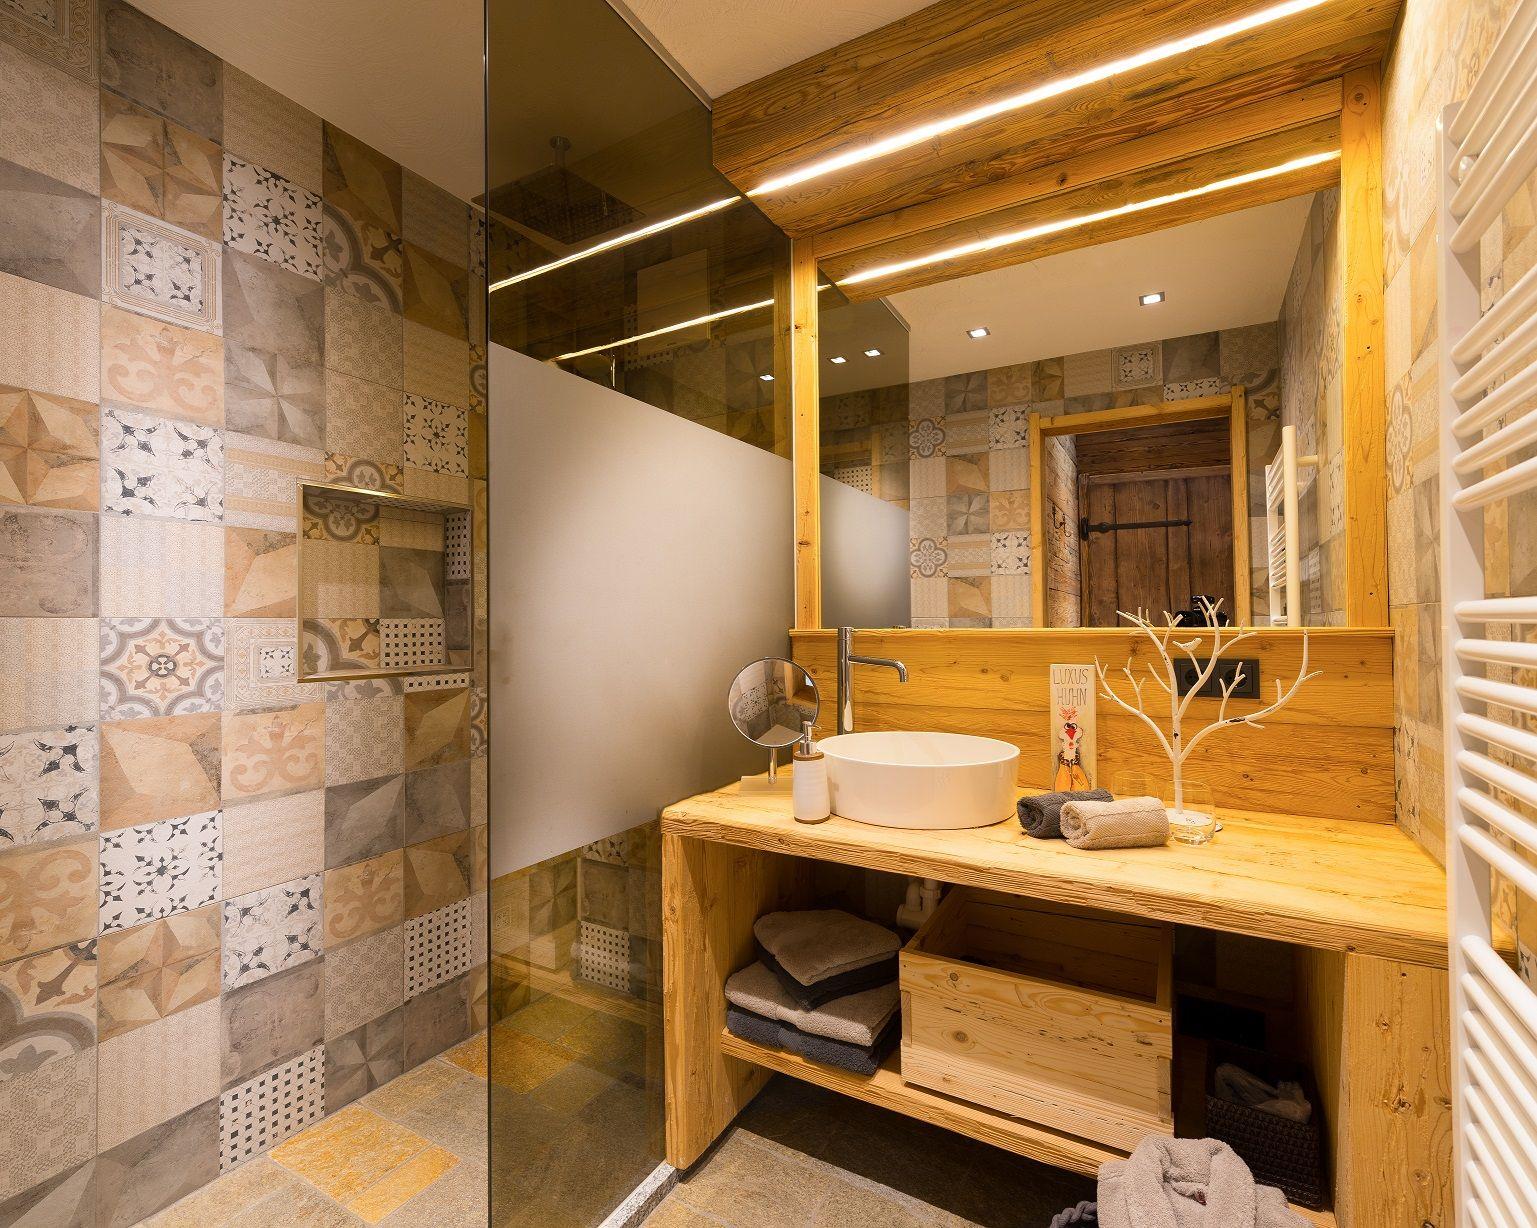 Das Luxuriose Badezimmer Lasst Keine Wunsche Offen Luxus Chalet Pronebengut Www Proneben At Luxurioses Badezimmer Rustikale Moderne Einrichtung Badezimmer